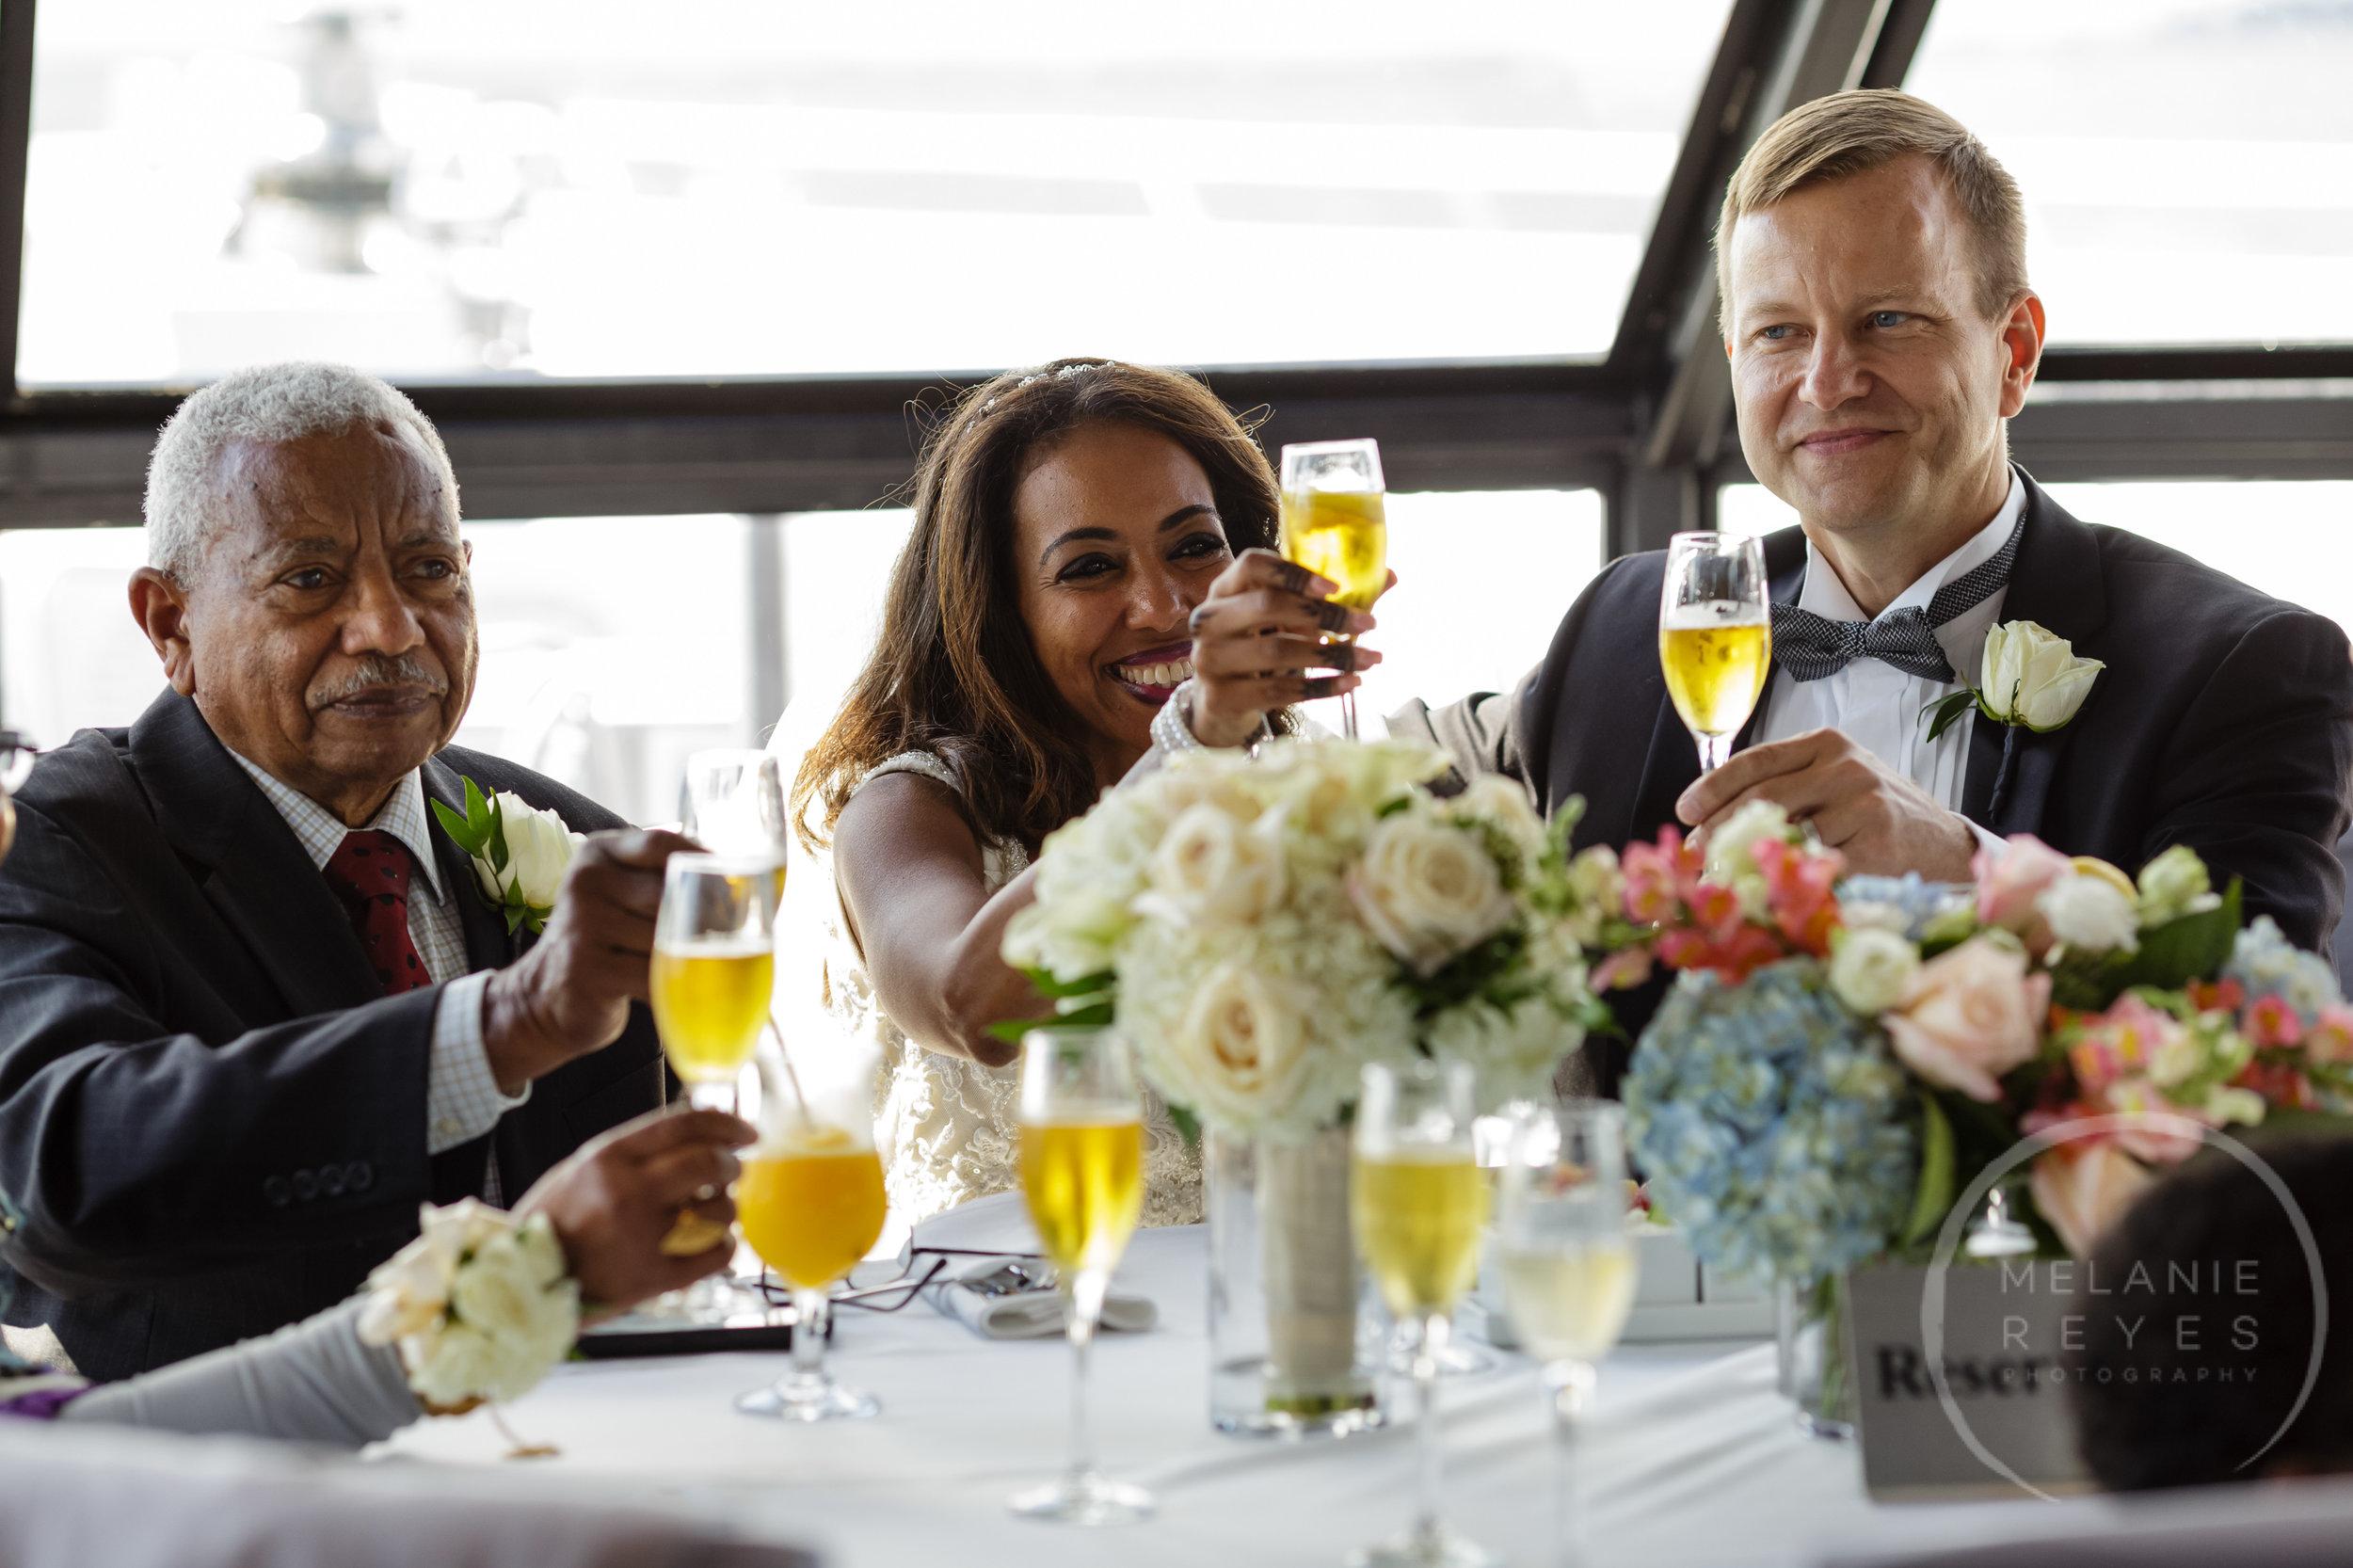 infinity_ovation_yacht_wedding_detroit_melaniereyes35.jpg